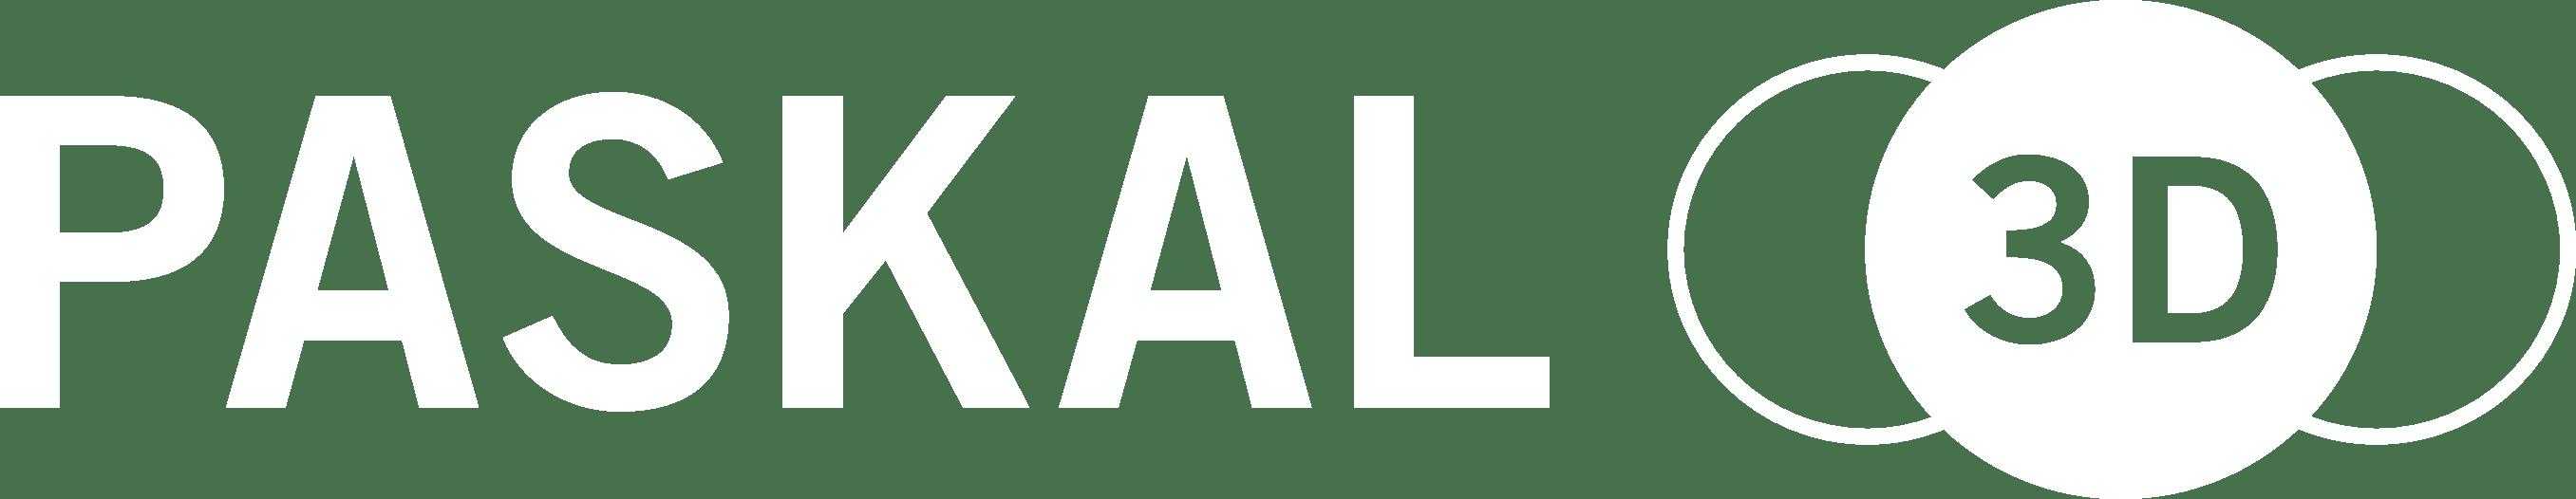 PASKAL 3D - Benutzerhandbuch